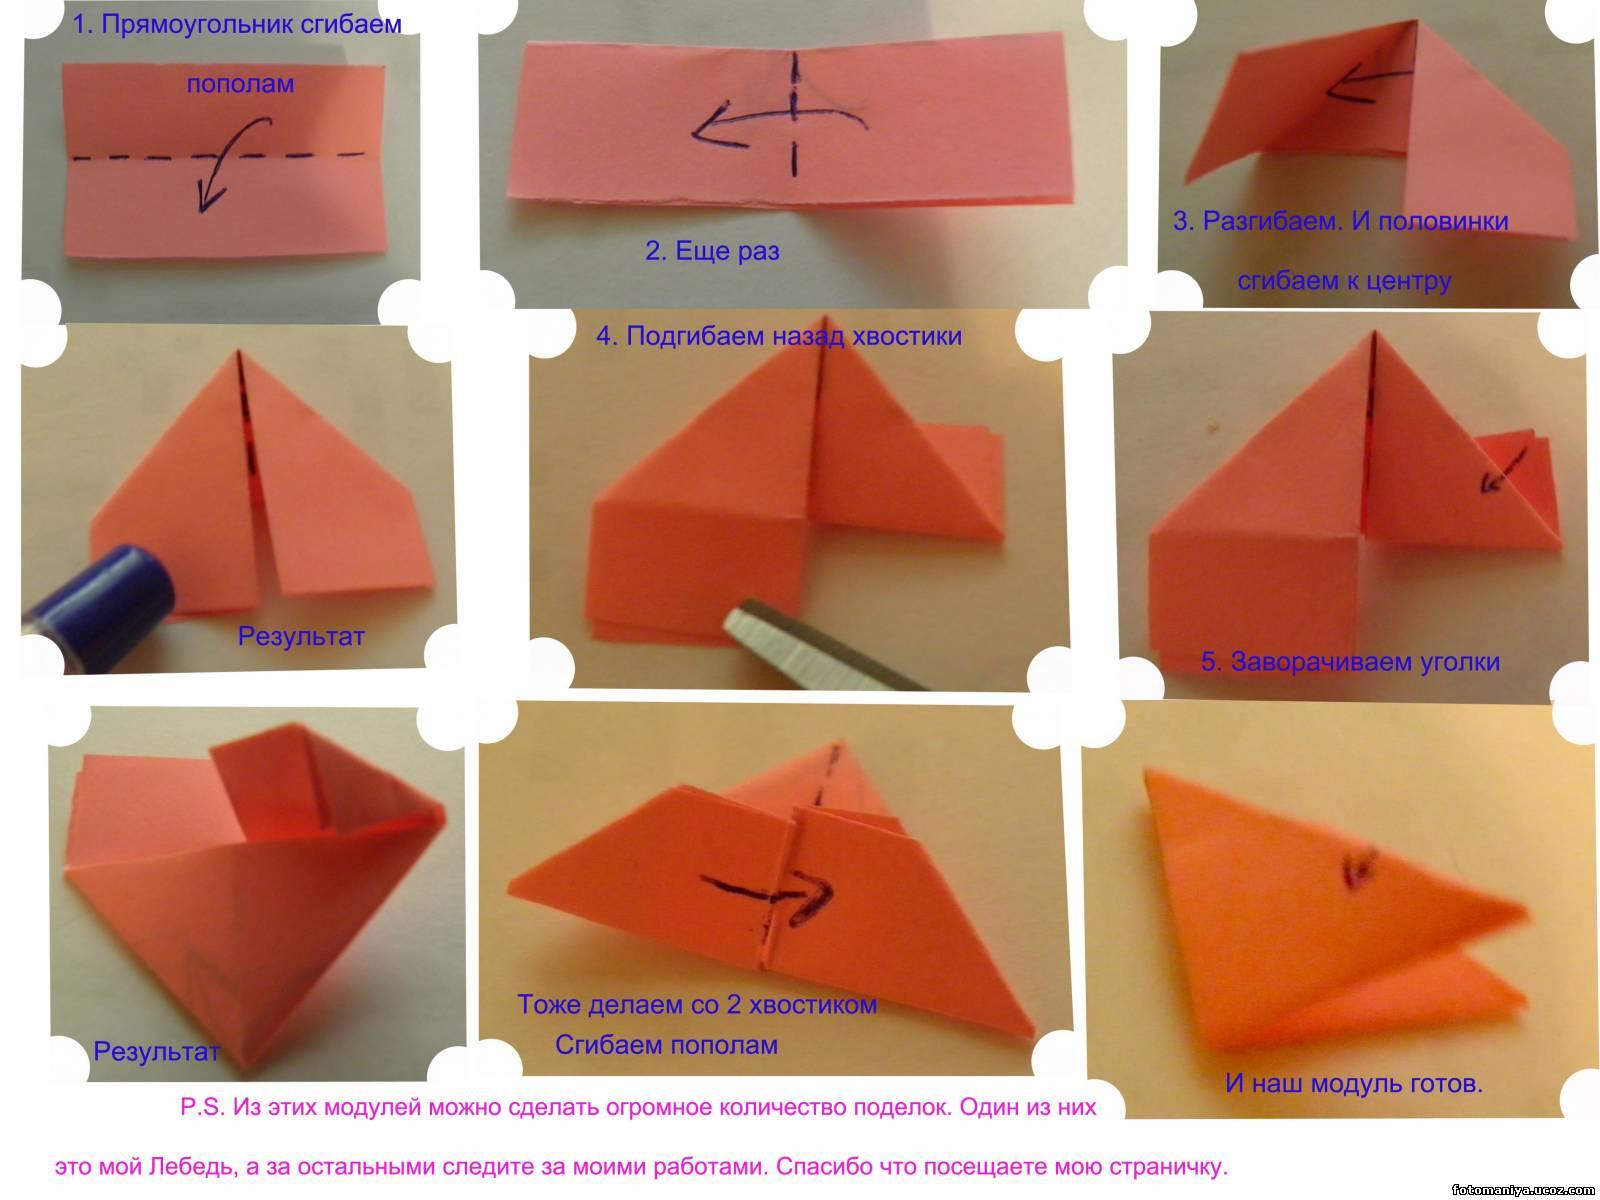 Модули бумажные что можно из них сделать и как 643